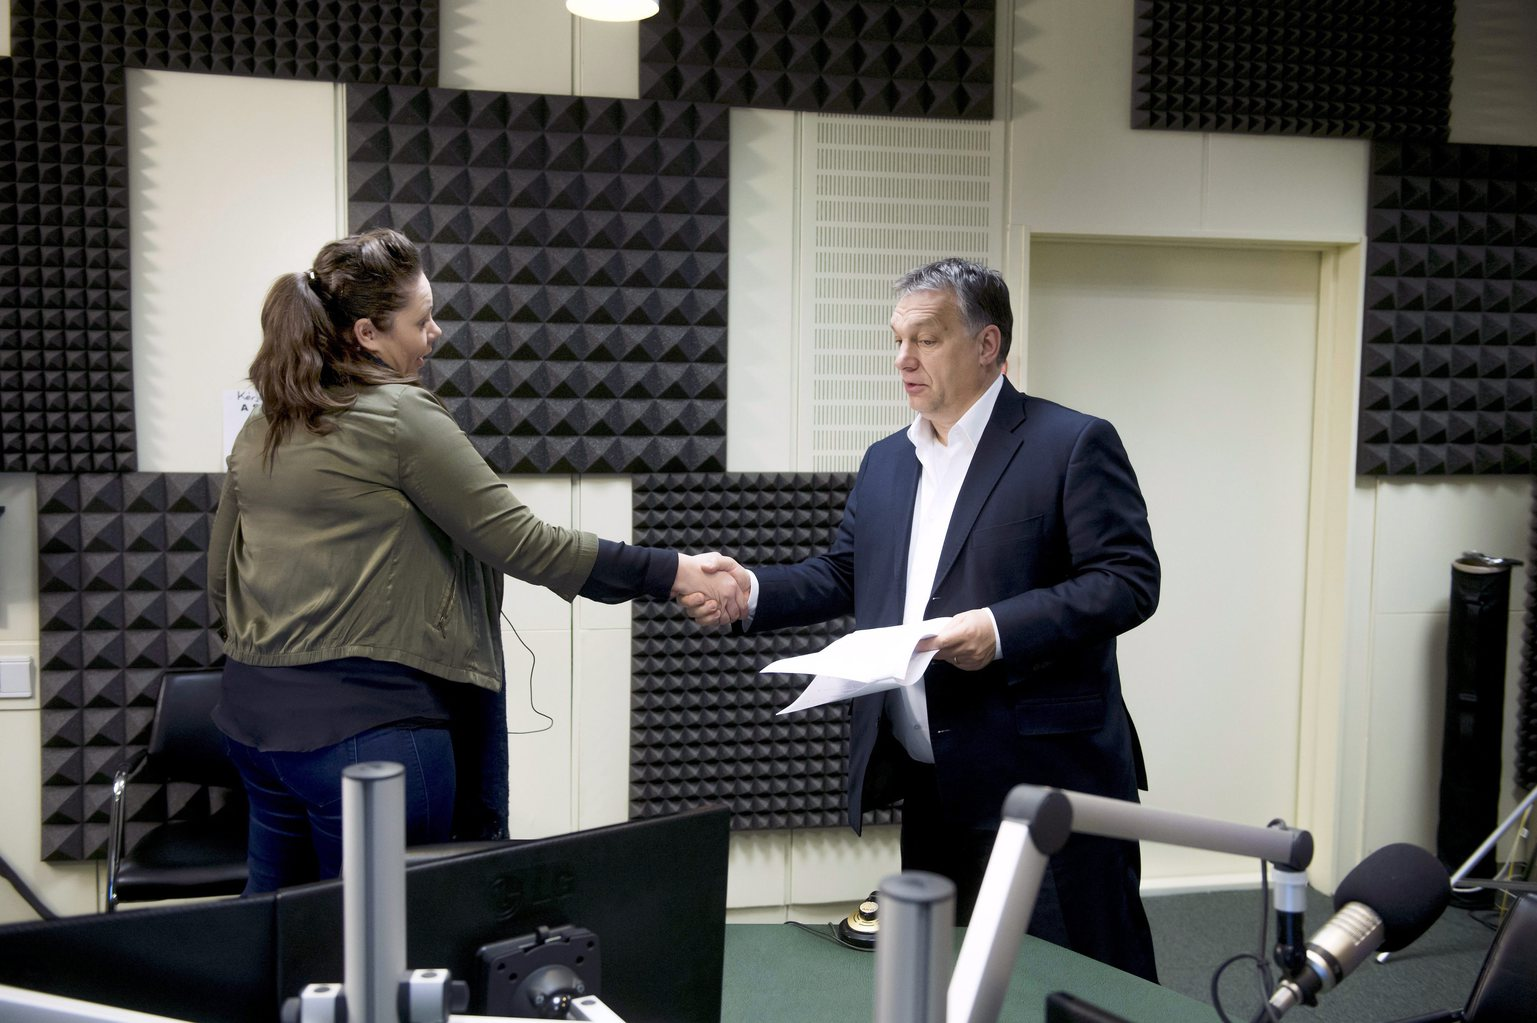 Orbán Viktor miniszterelnök kezet fog Kocsis Éva műsorvezetővel a Magyar Rádió stúdiójában, ahol a kormányfő interjút ad a Kossuth Rádió 180 perc című műsorában 2016. március 4-én. MTI Fotó: Koszticsák Szilárd